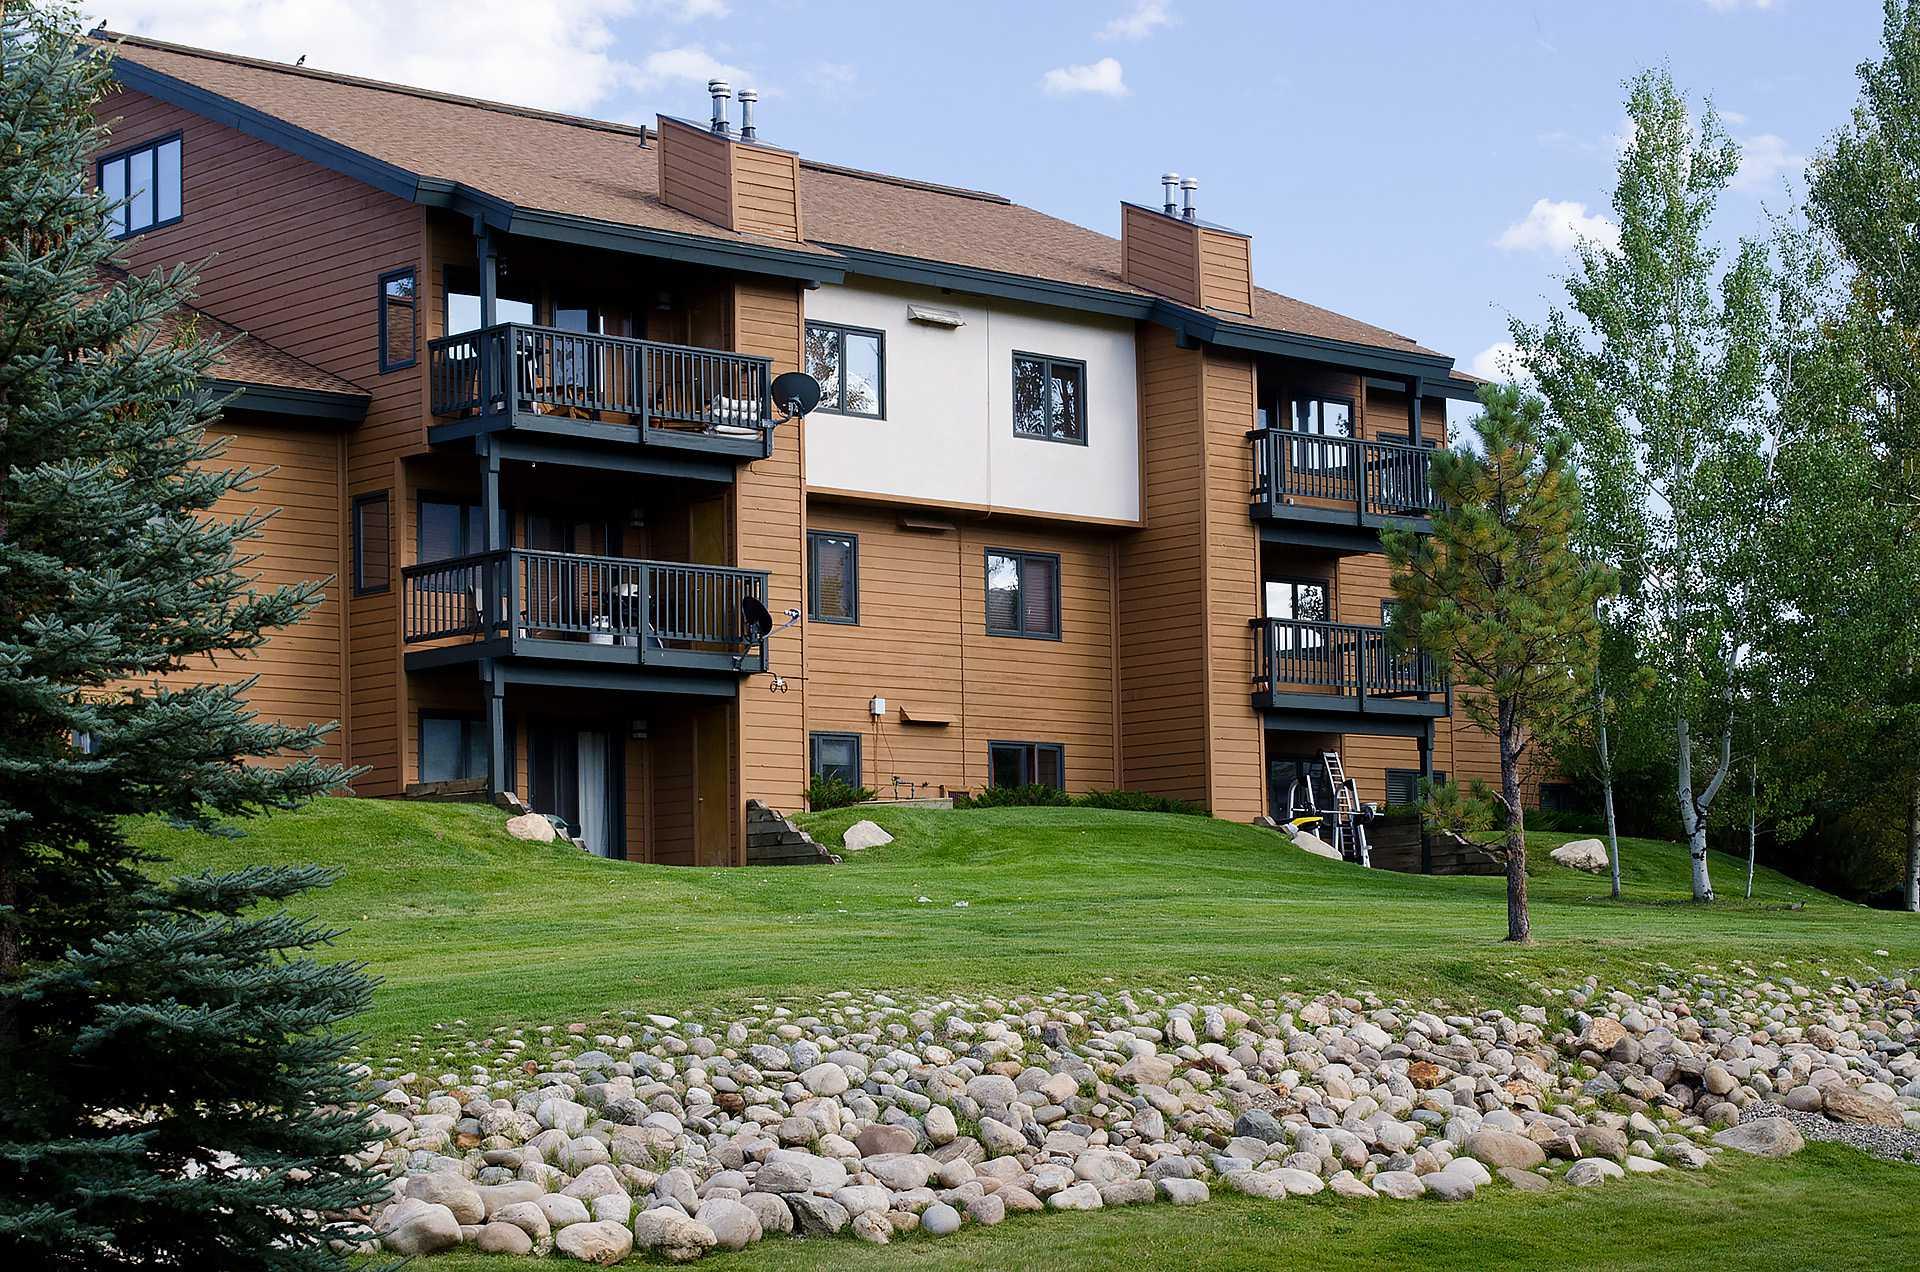 P106D - The Pines Condominiums